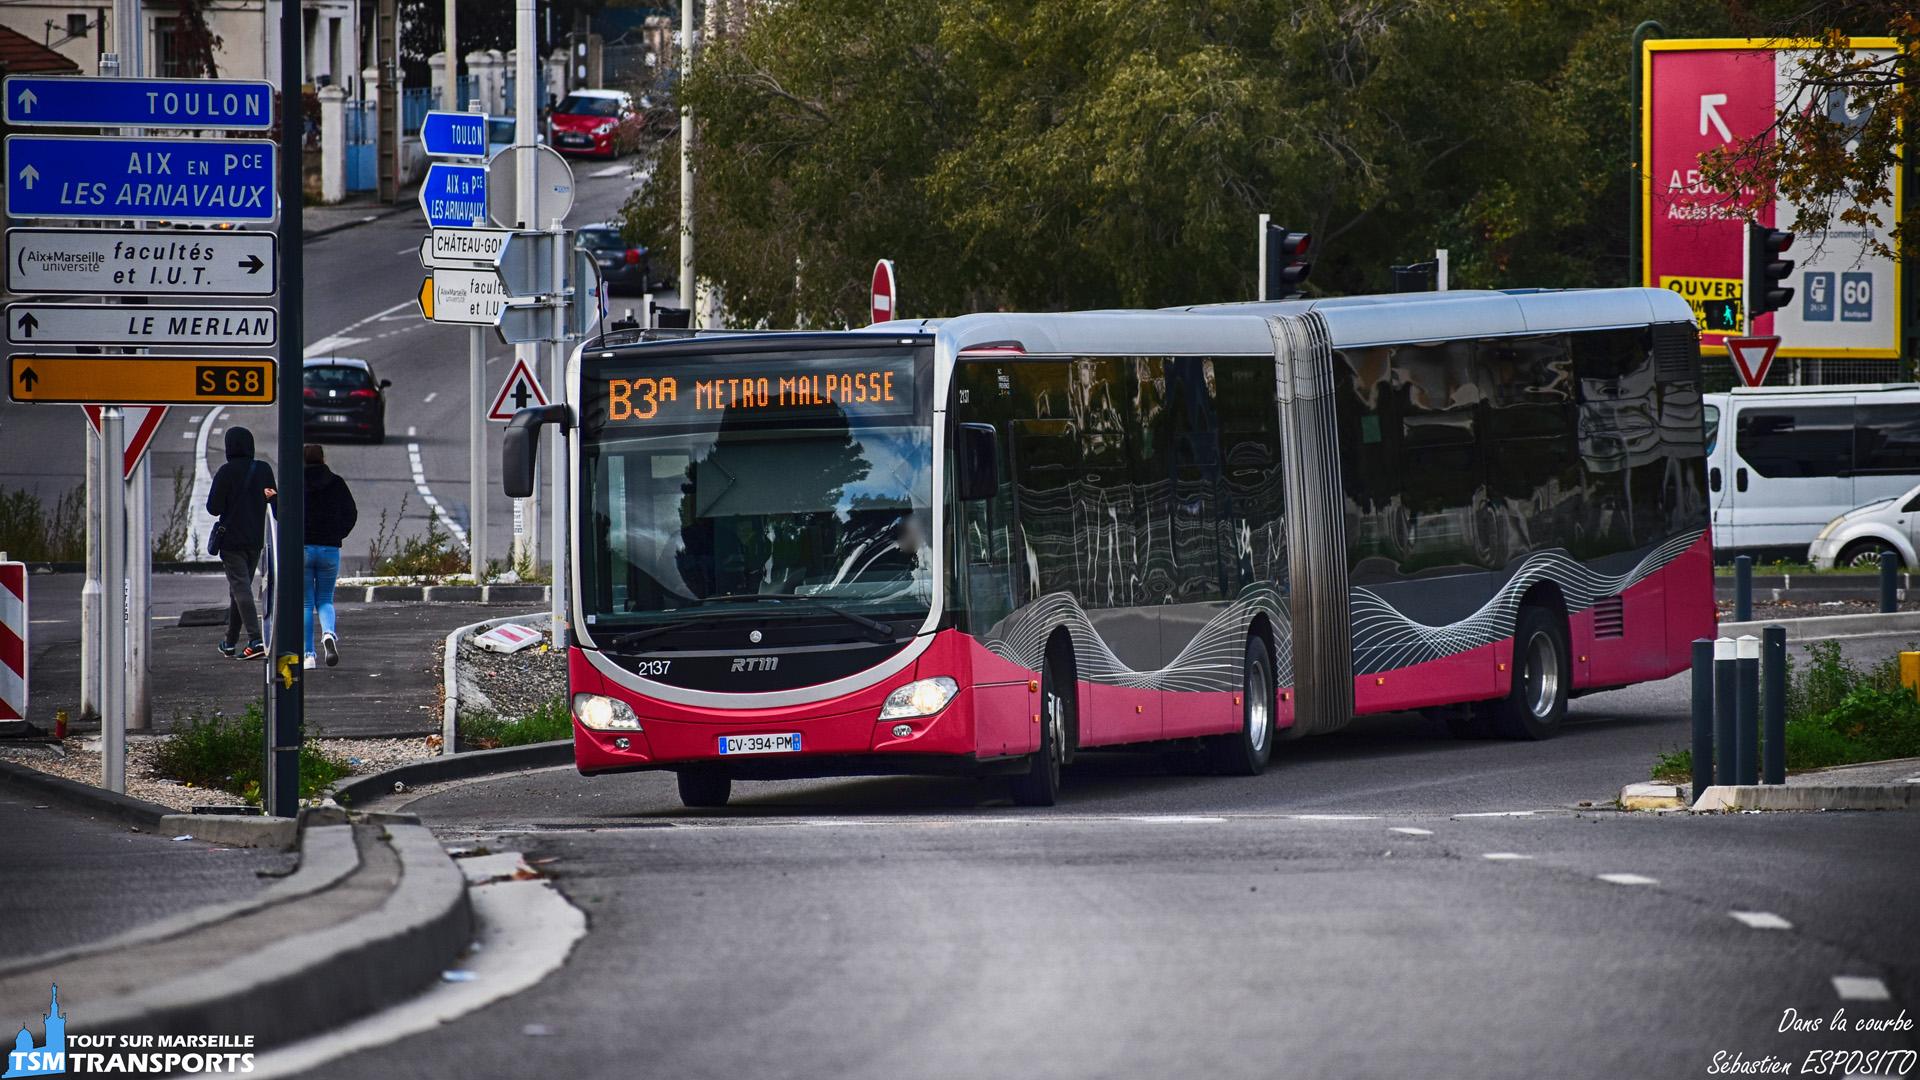 Voici un Citaro 2 G BHNS en pleine négociation du virage sur le site propre des oliviers. . ℹ️ Mercedes Benz Citaro 2 G Euro 5 BHNS RTM n°2137. . 📍 Site propre des oliviers, 13eme arrondissement de Marseille. . ↔️ B3a : Métro Malpasse - Saint Jérôme Parking Relais. . 🔀 Lignes 32, 27 et fluobus B3. . 📏 Distance du shoot : 161 mètres. . 📸 Nikon D5600. . 📷 Nikkor 70-300mm. . 📅 11 Novembre 2018 à 14:06. . 👨 Sébastien ESPOSITO.